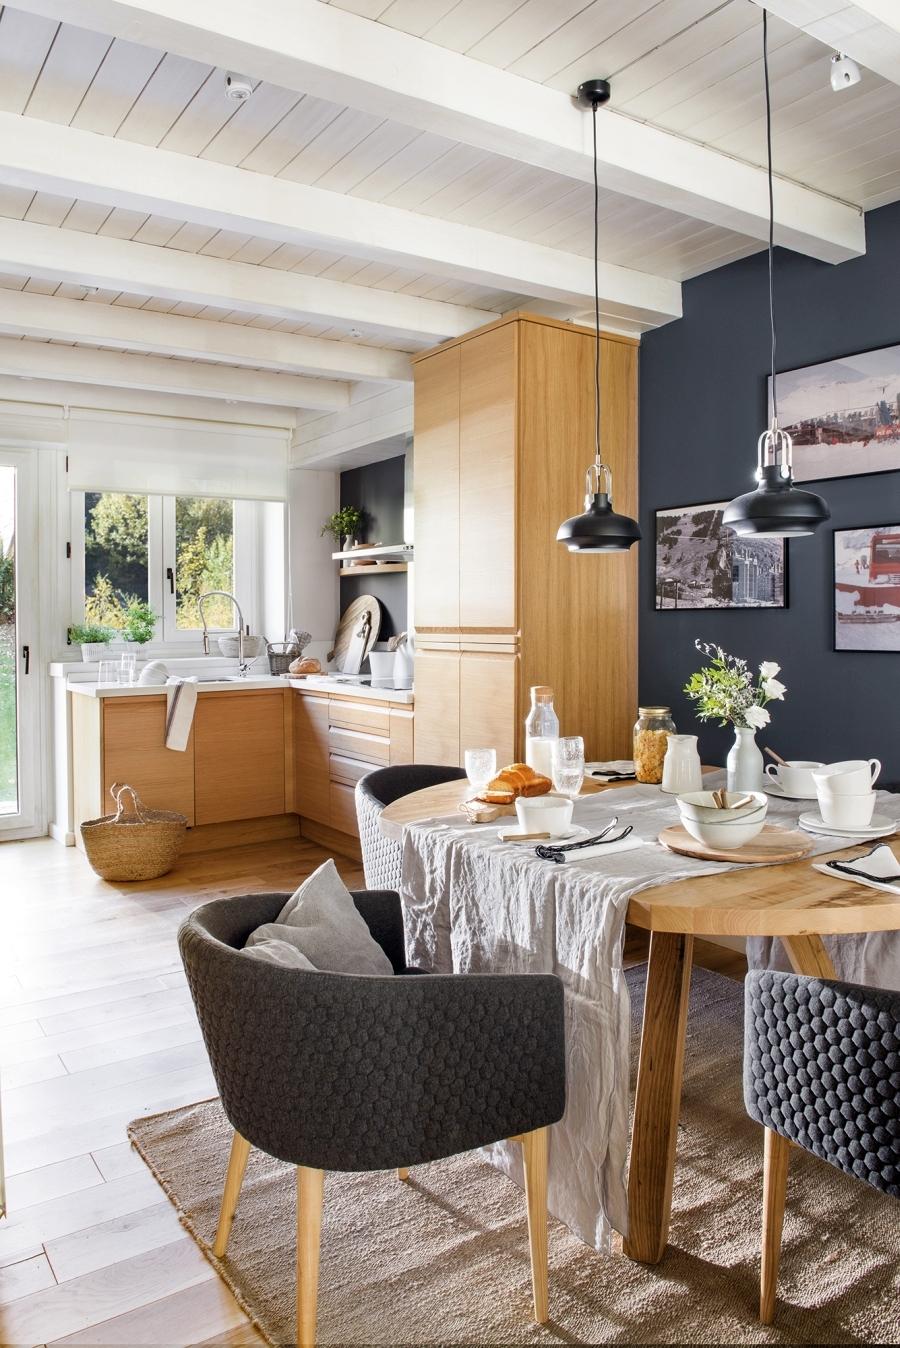 Królestwo szarości i drewna, wystrój wnętrz, wnętrza, urządzanie domu, dekoracje wnętrz, aranżacja wnętrz, inspiracje wnętrz,interior design , dom i wnętrze, aranżacja mieszkania, modne wnętrza, szare wnętrza, białe wnętrza, styl skandynawski, scandinavian style, kuchnia, kitchen, jadalnia, okrągły stół, drewniany stół, meble kuchenne, mała kuchnia,